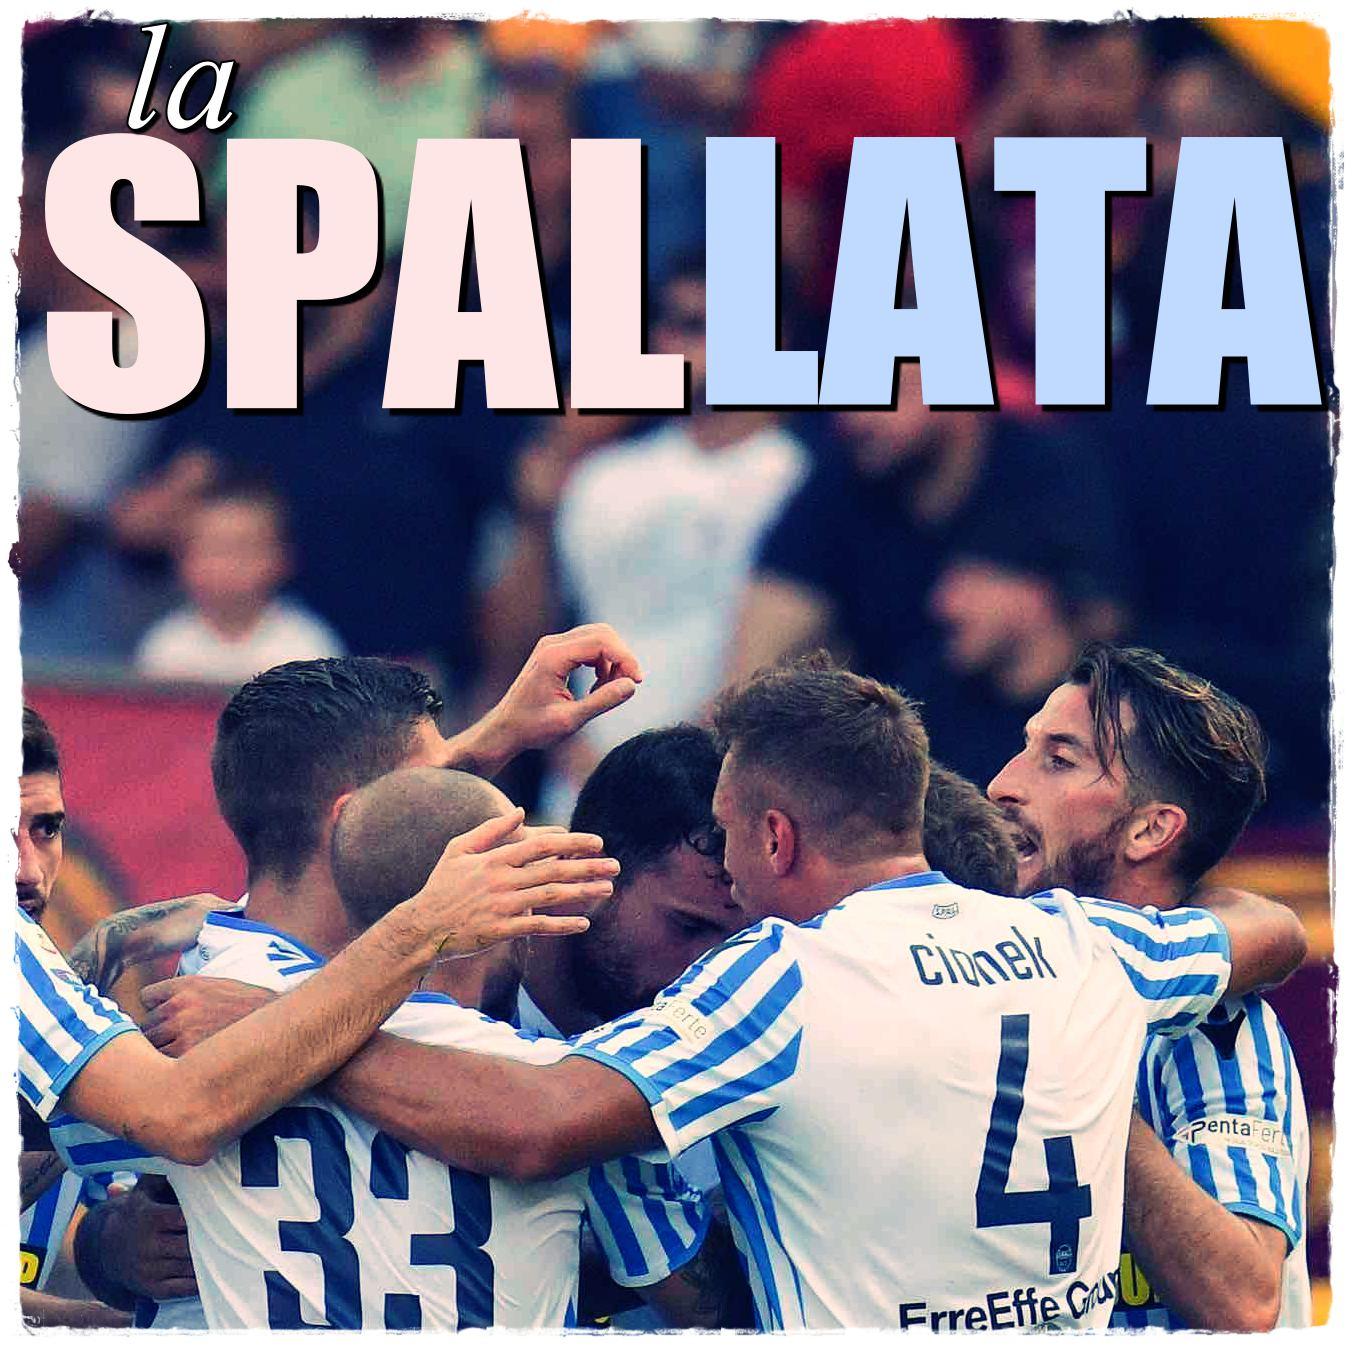 Roma vs Spal - Serie A 2018/2019